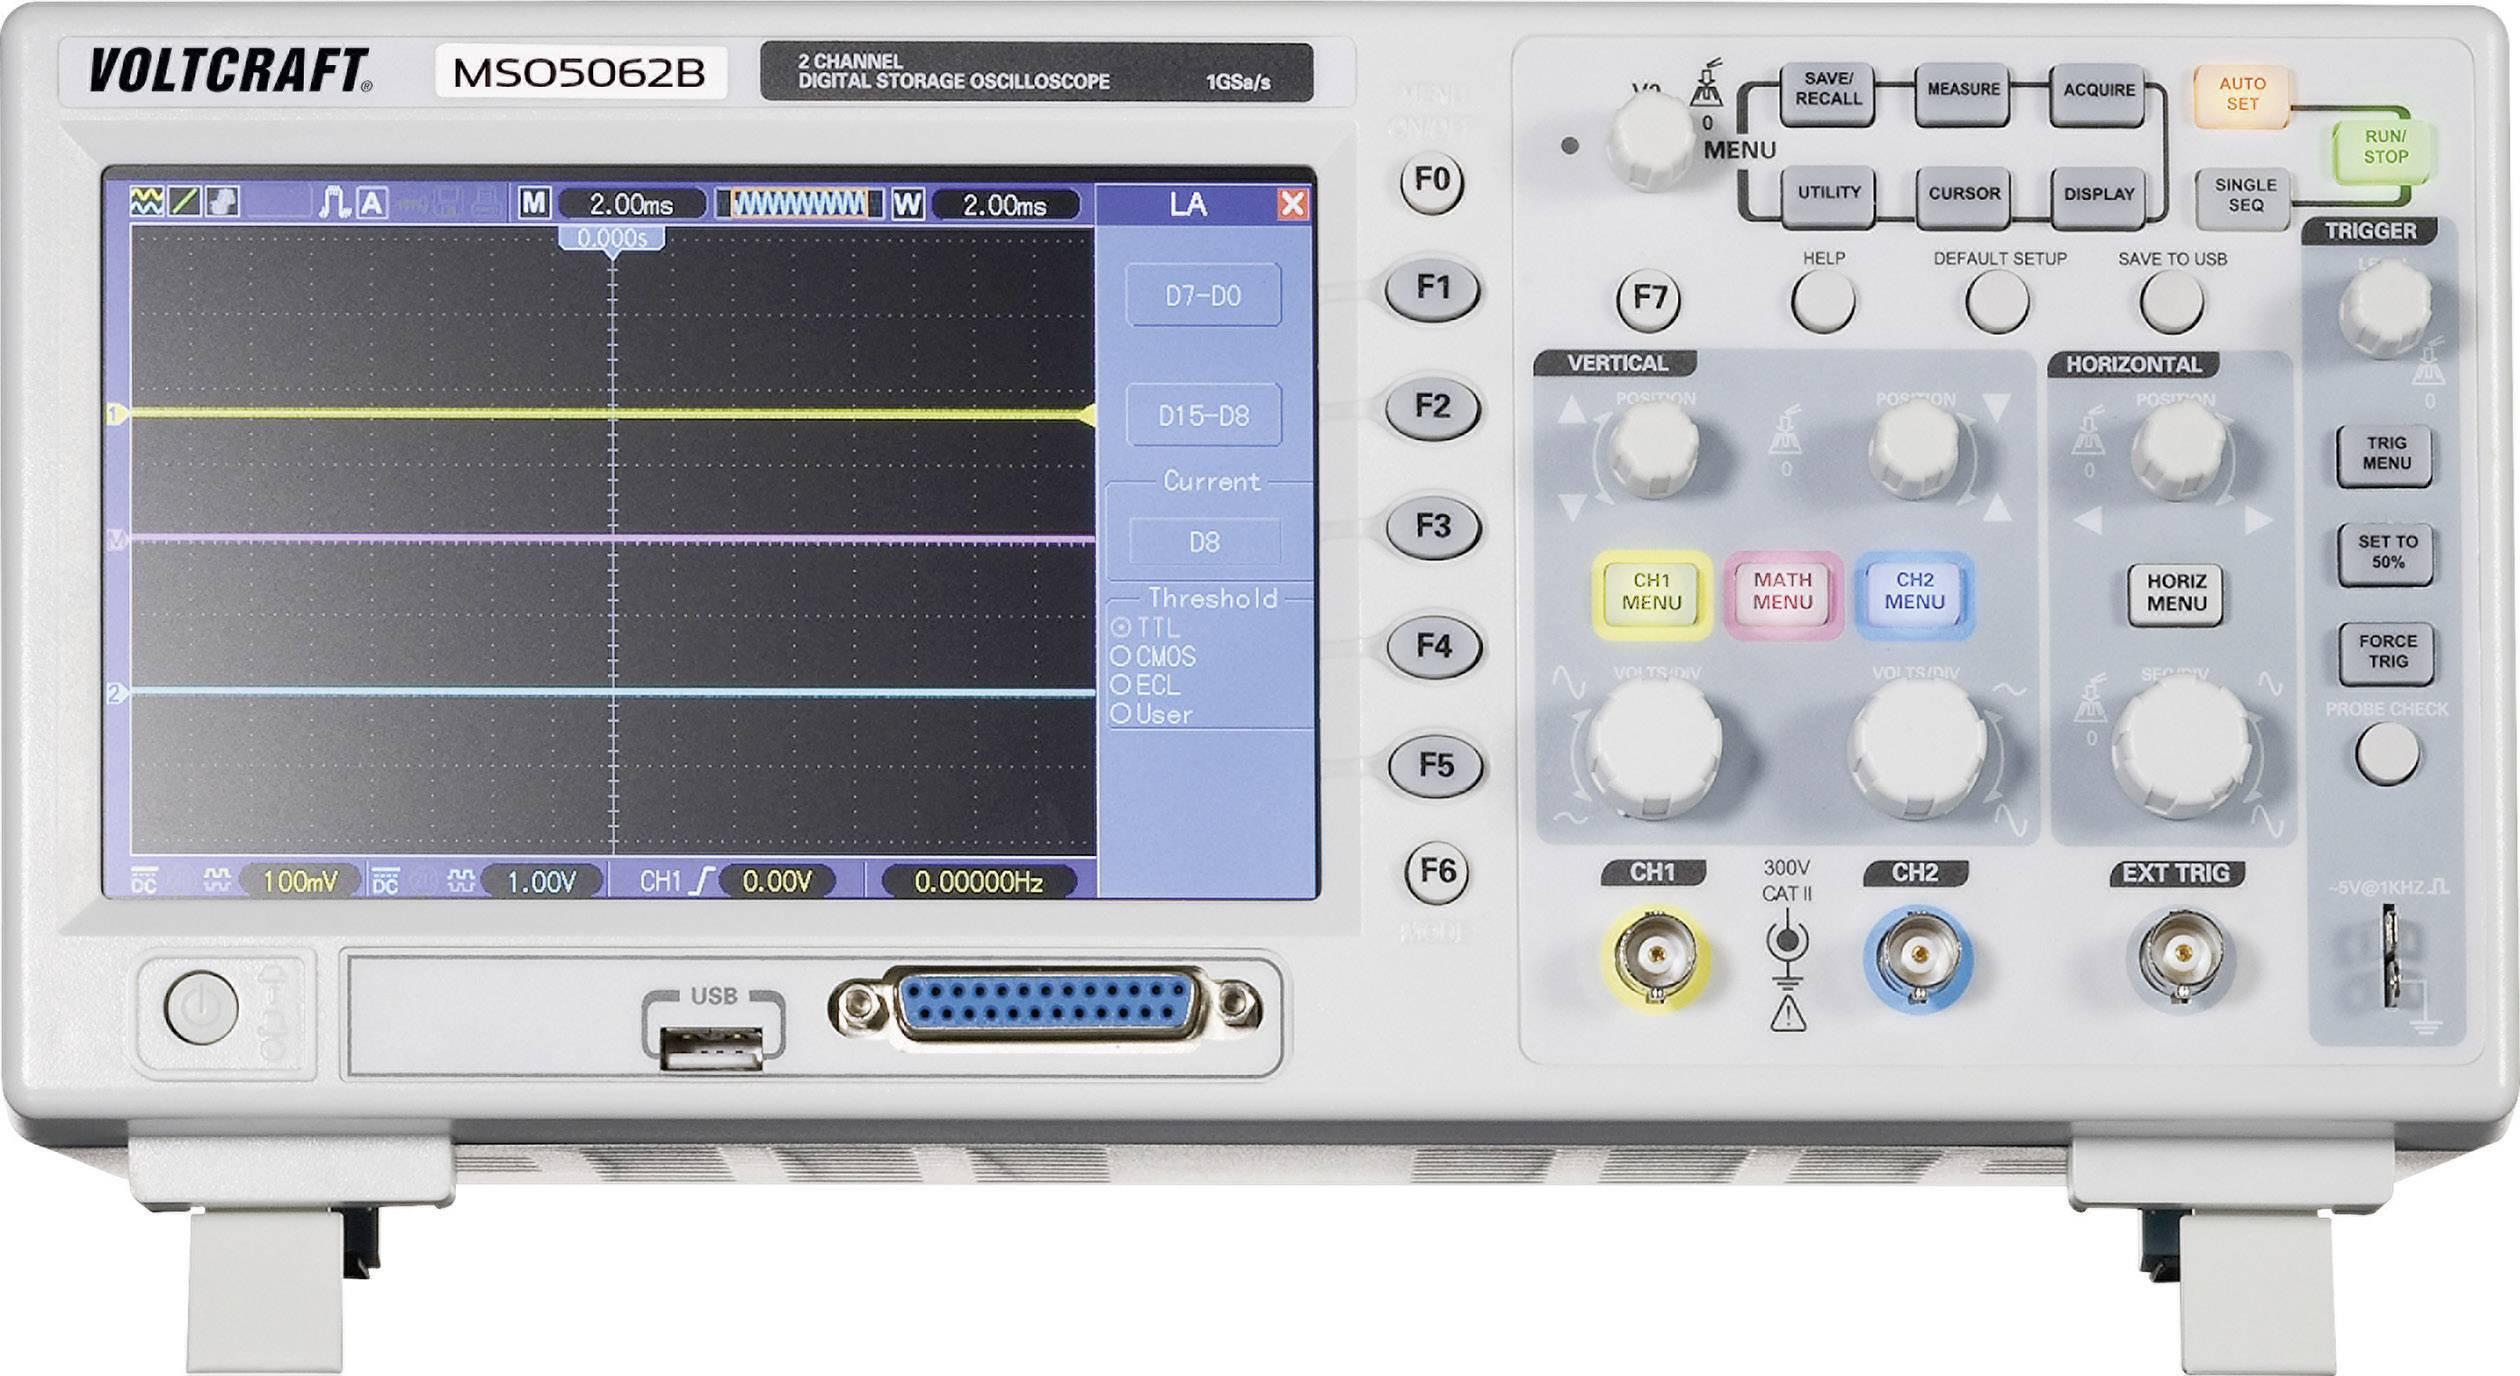 Digitální osciloskop VOLTCRAFT MSO-5062B, 2/16 kanálů, 60 MHz